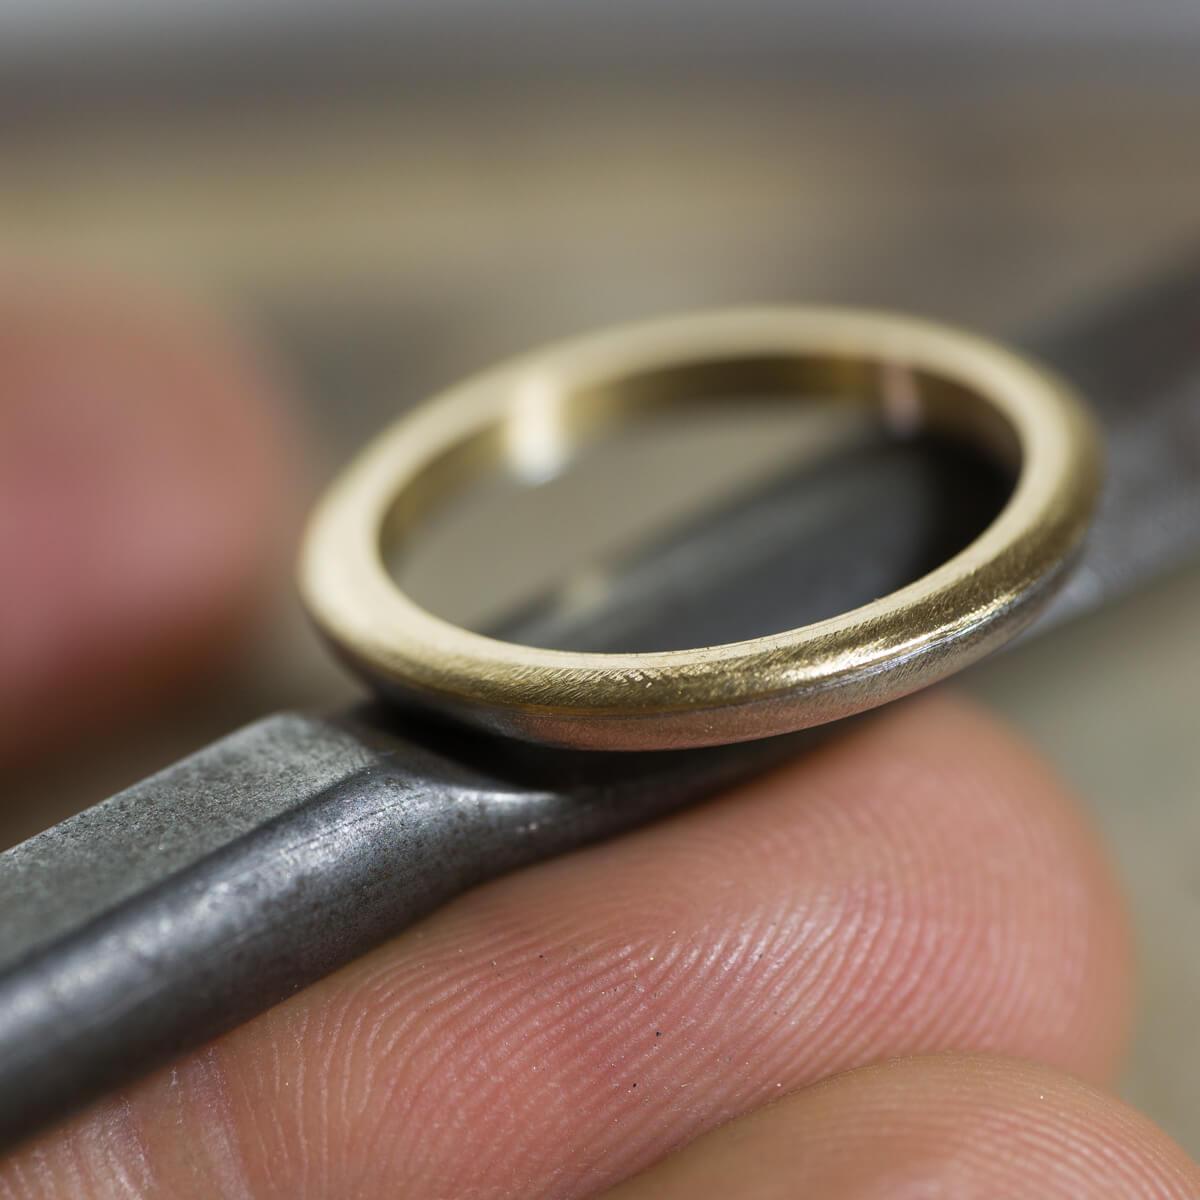 オーダーメイドマリッジリングの制作風景 ジュエリーのアトリエに指輪 ゴールド、プラチナ 屋久島でつくる結婚指輪